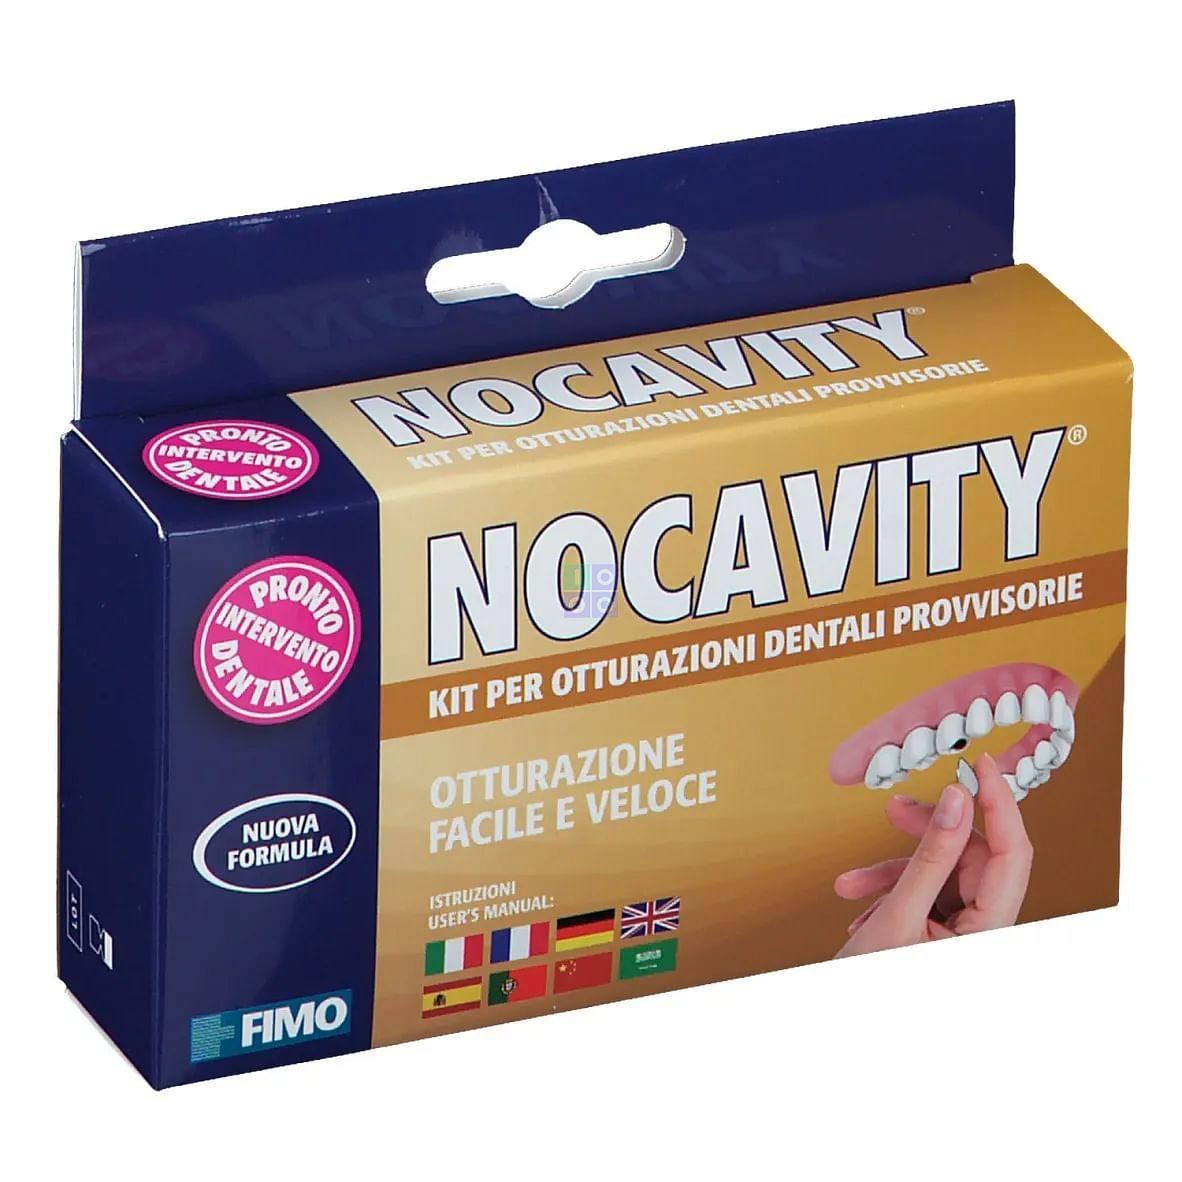 Nocavity Kit per Otturazioni Dentali Provvisorie